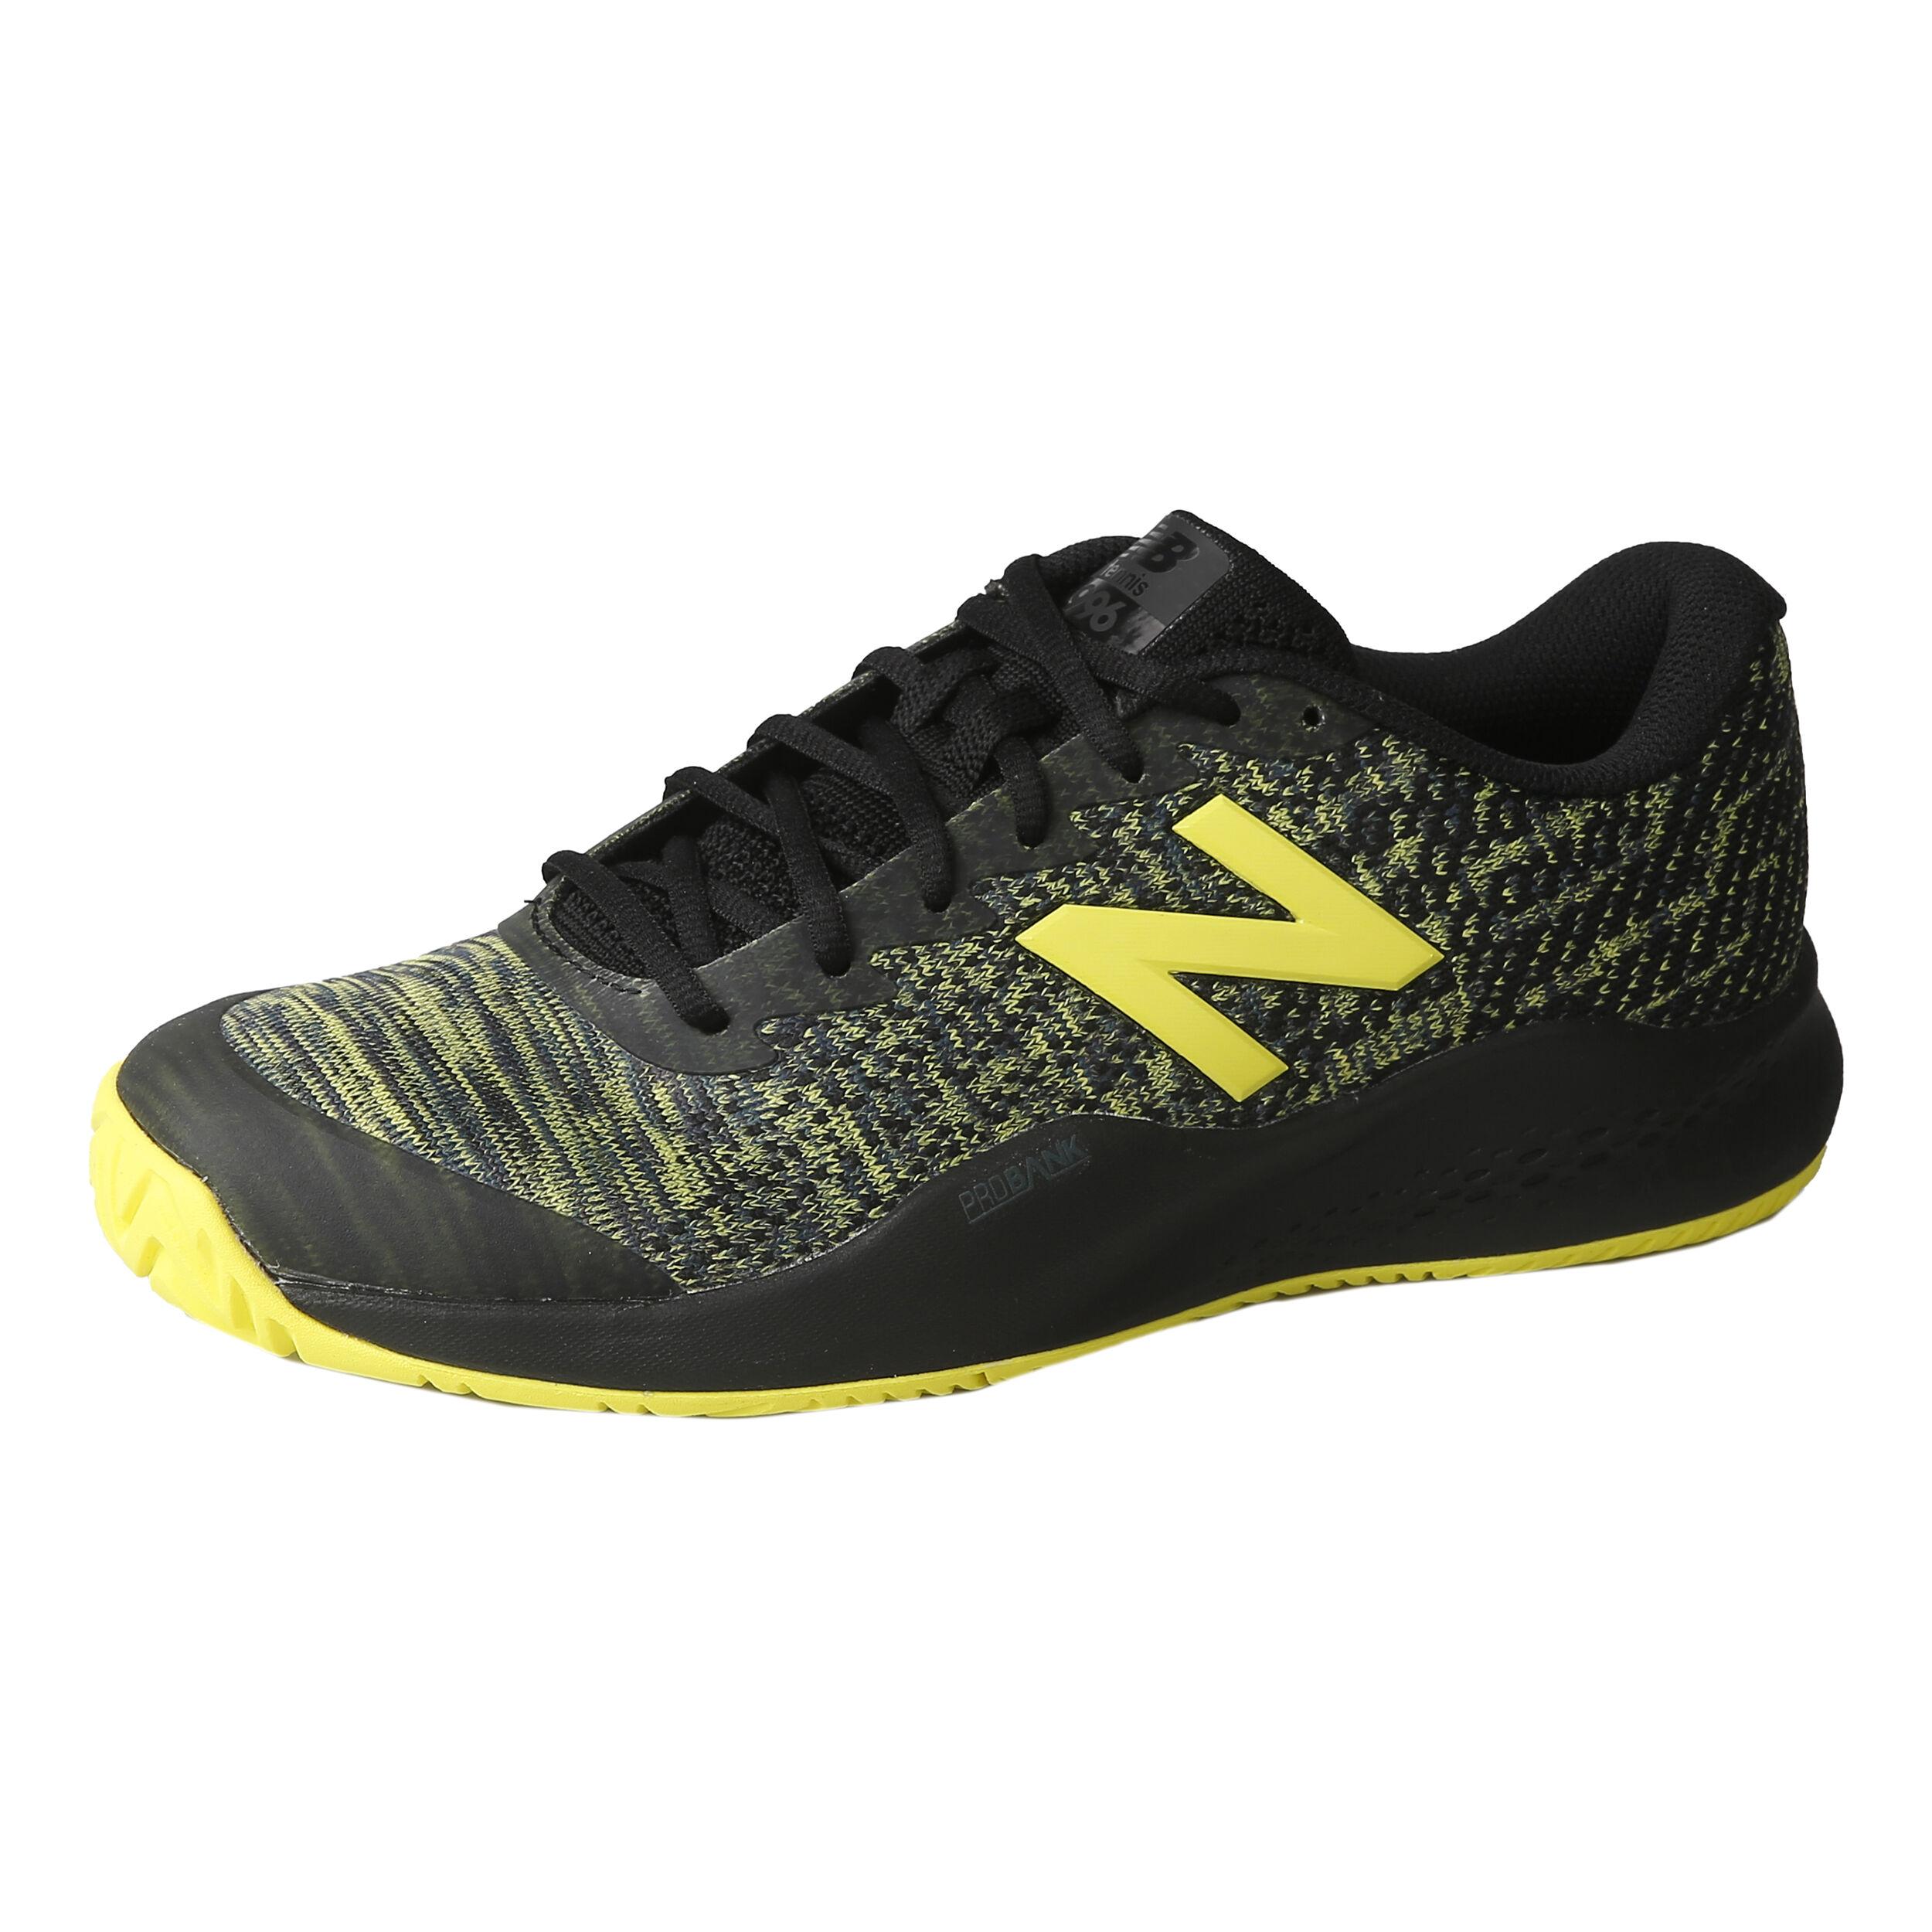 New Balance chaussures taille 6 garçons